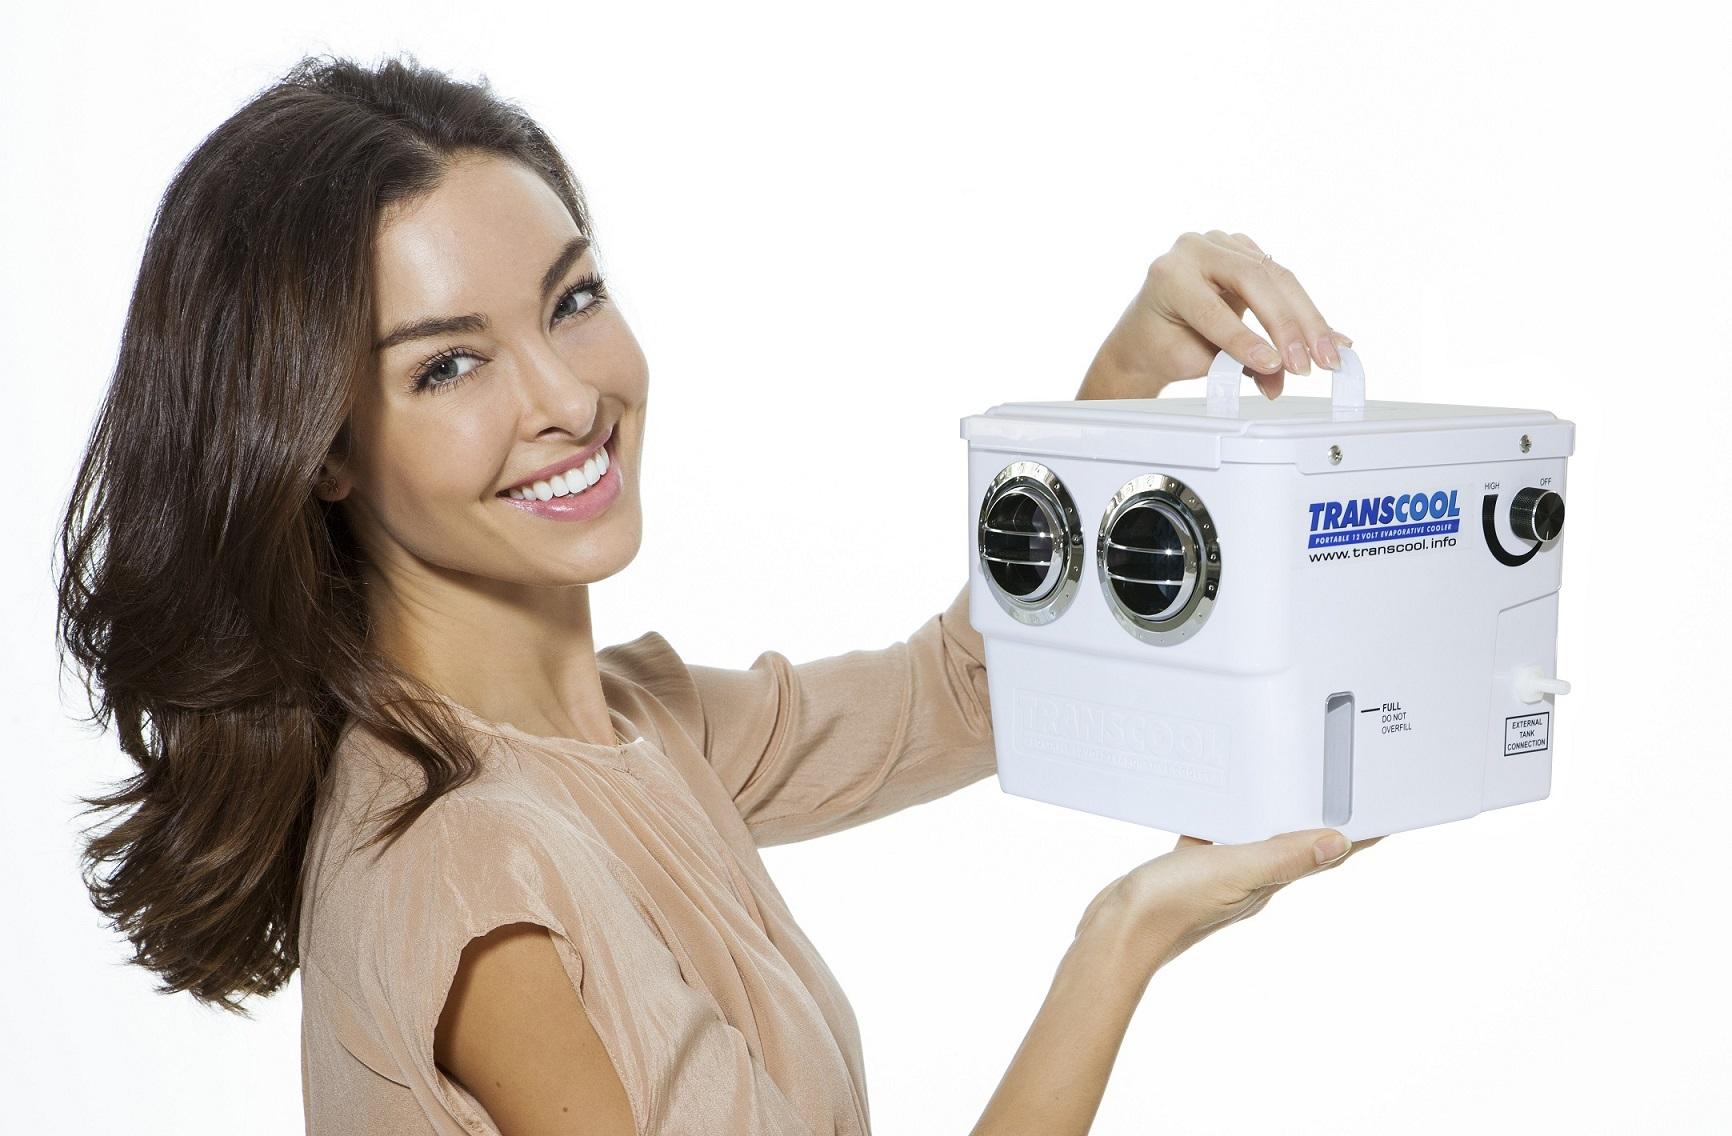 transcool luftk hler ventilator klimager t klimaanlage. Black Bedroom Furniture Sets. Home Design Ideas